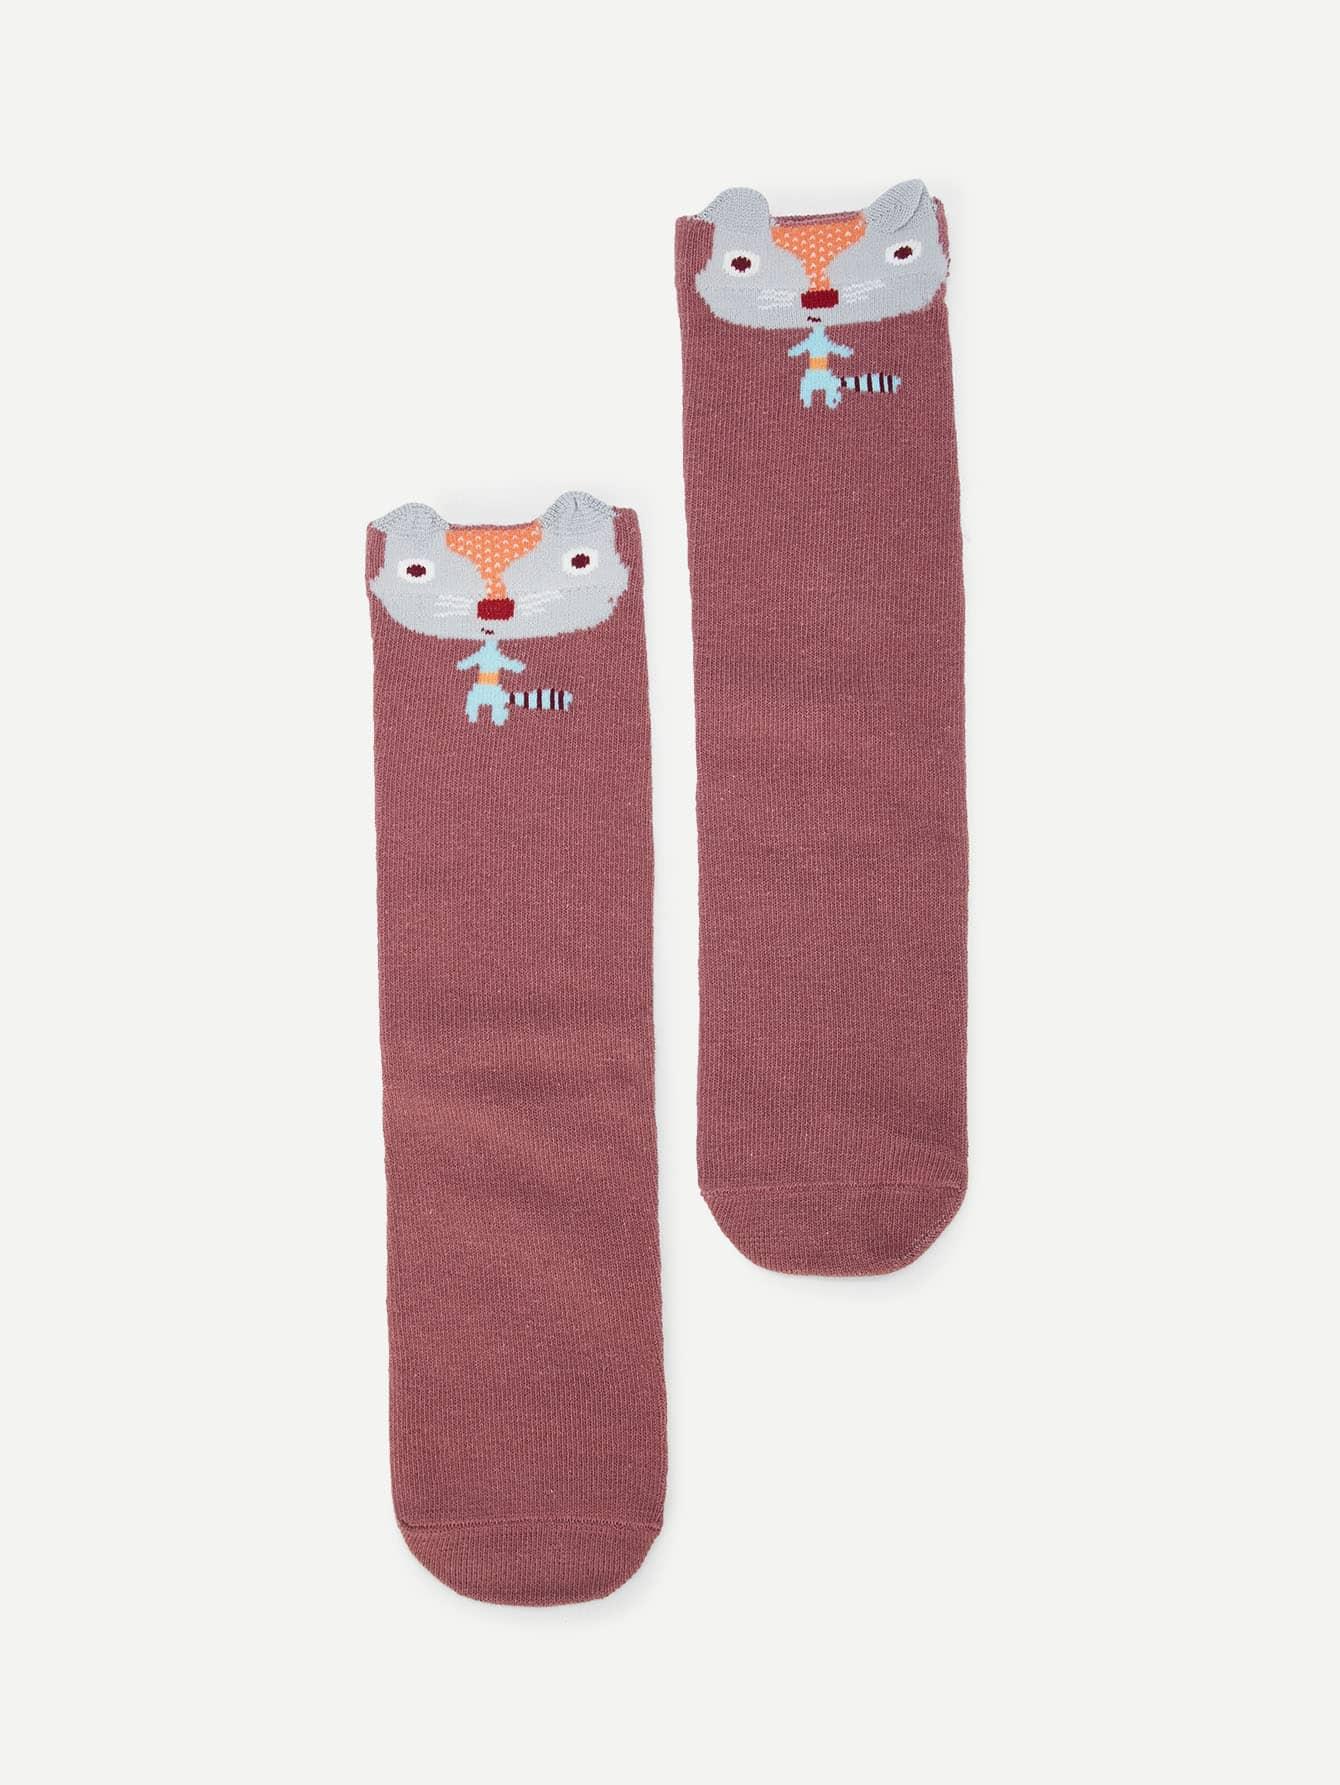 Купить Романтичный стиль Мультяшный принт Бургундия Детские носки и колготки, null, SheIn